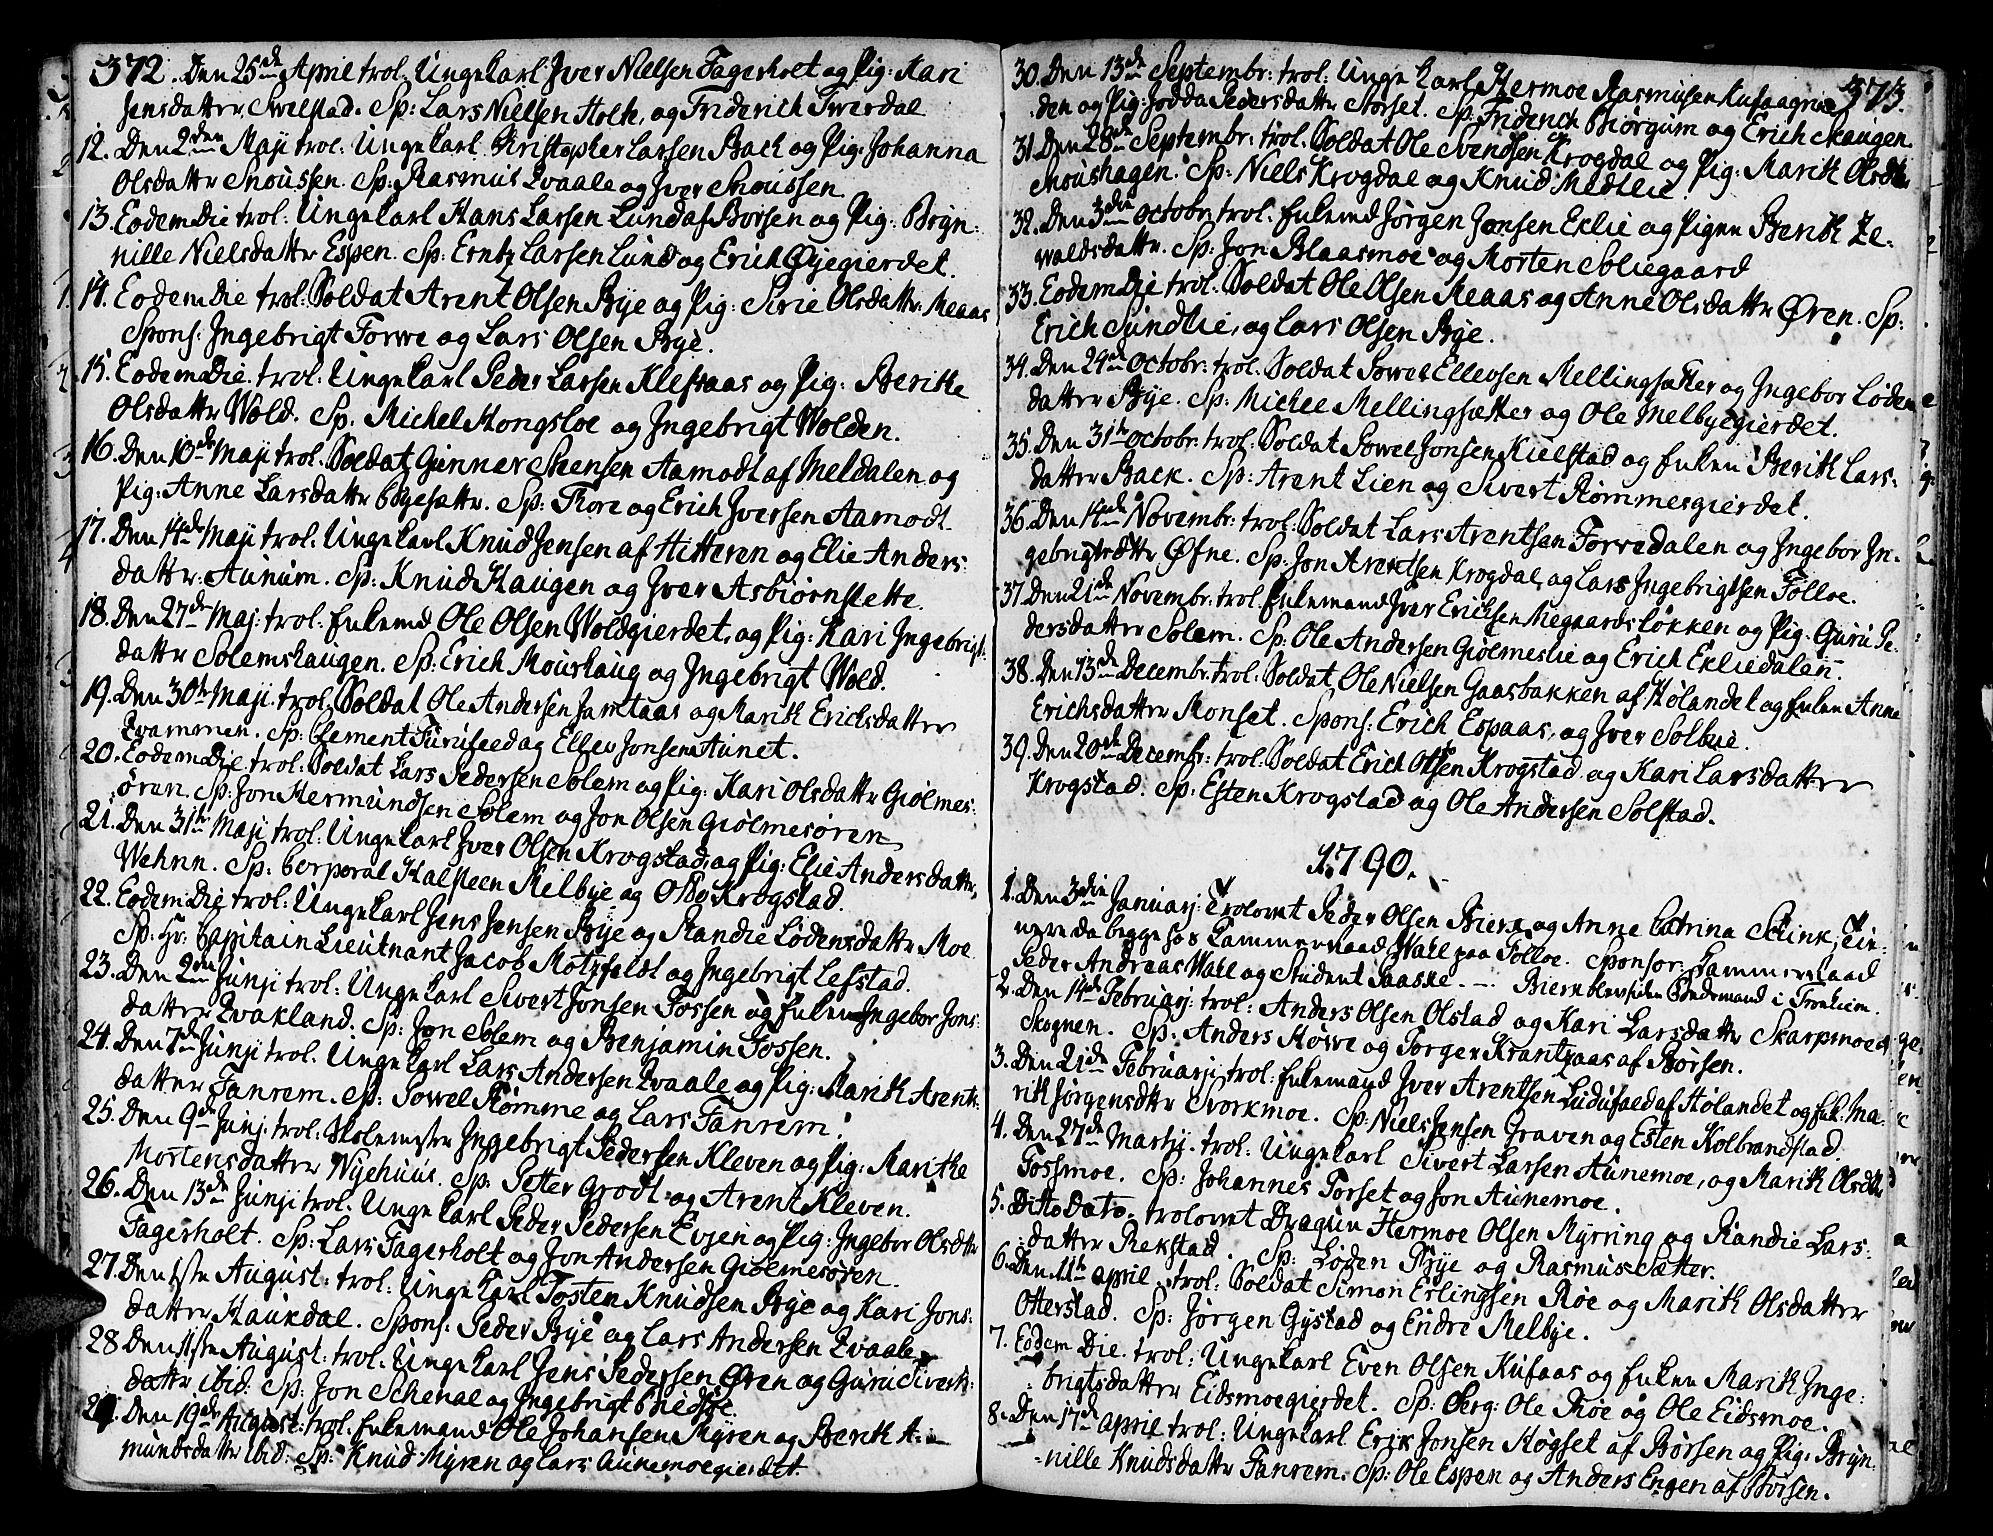 SAT, Ministerialprotokoller, klokkerbøker og fødselsregistre - Sør-Trøndelag, 668/L0802: Ministerialbok nr. 668A02, 1776-1799, s. 372-373